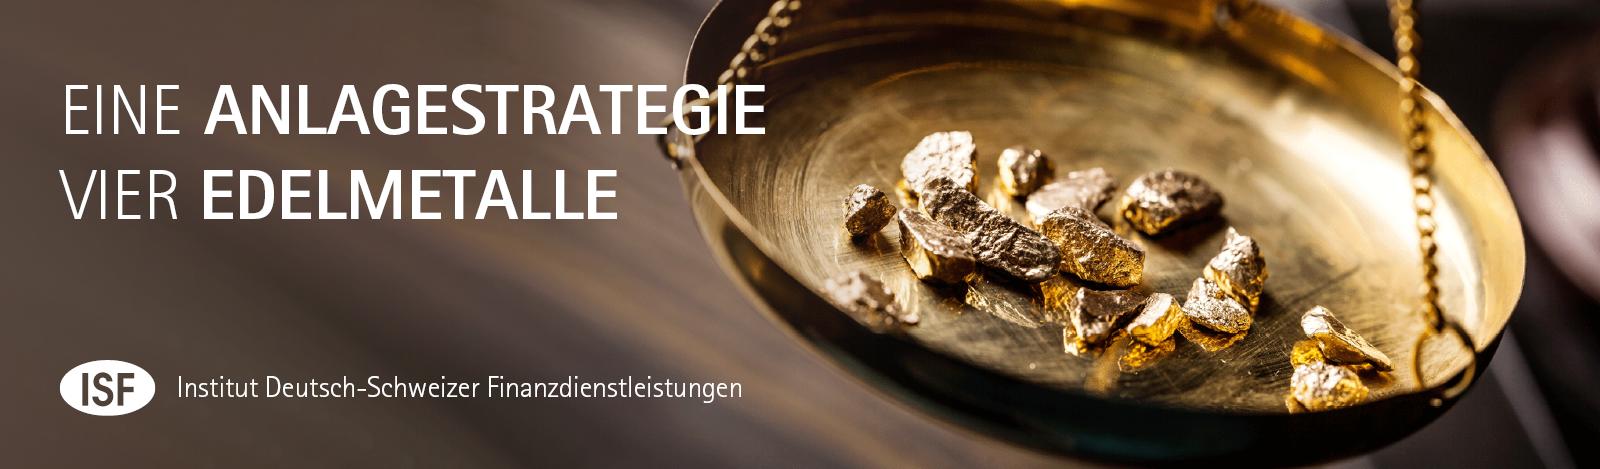 Schwingende Goldwaage mit Gold Nuggets eine Anlagestrategie vier Edelmetalle